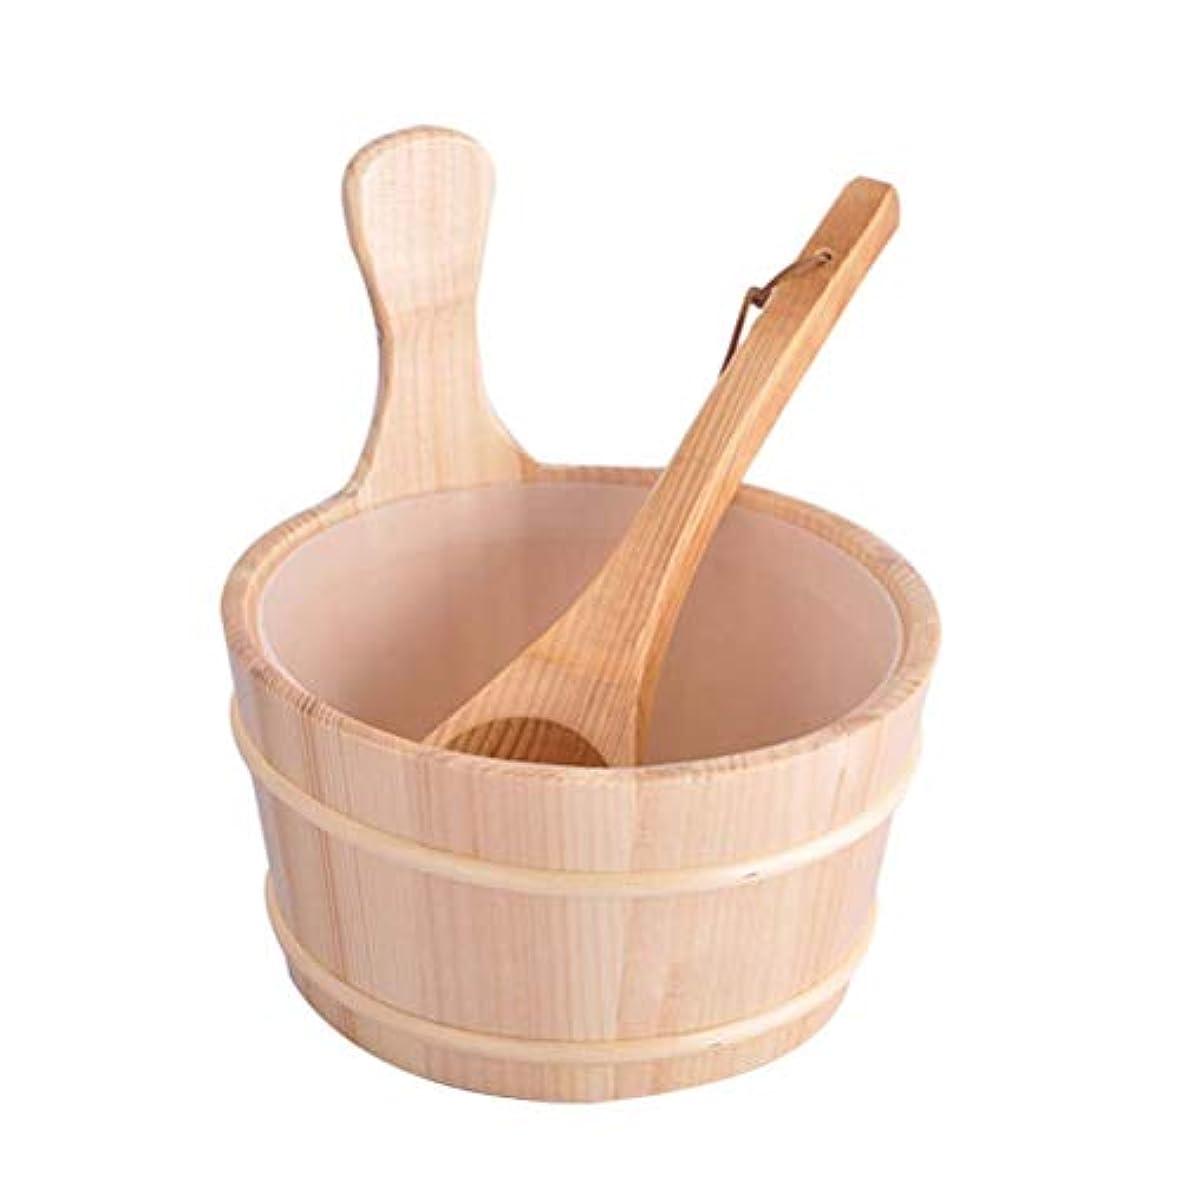 家フィドル器用Healifty 木製バケツスプーン入浴バレルセットバケツ2個(ニュートラルスタイル)